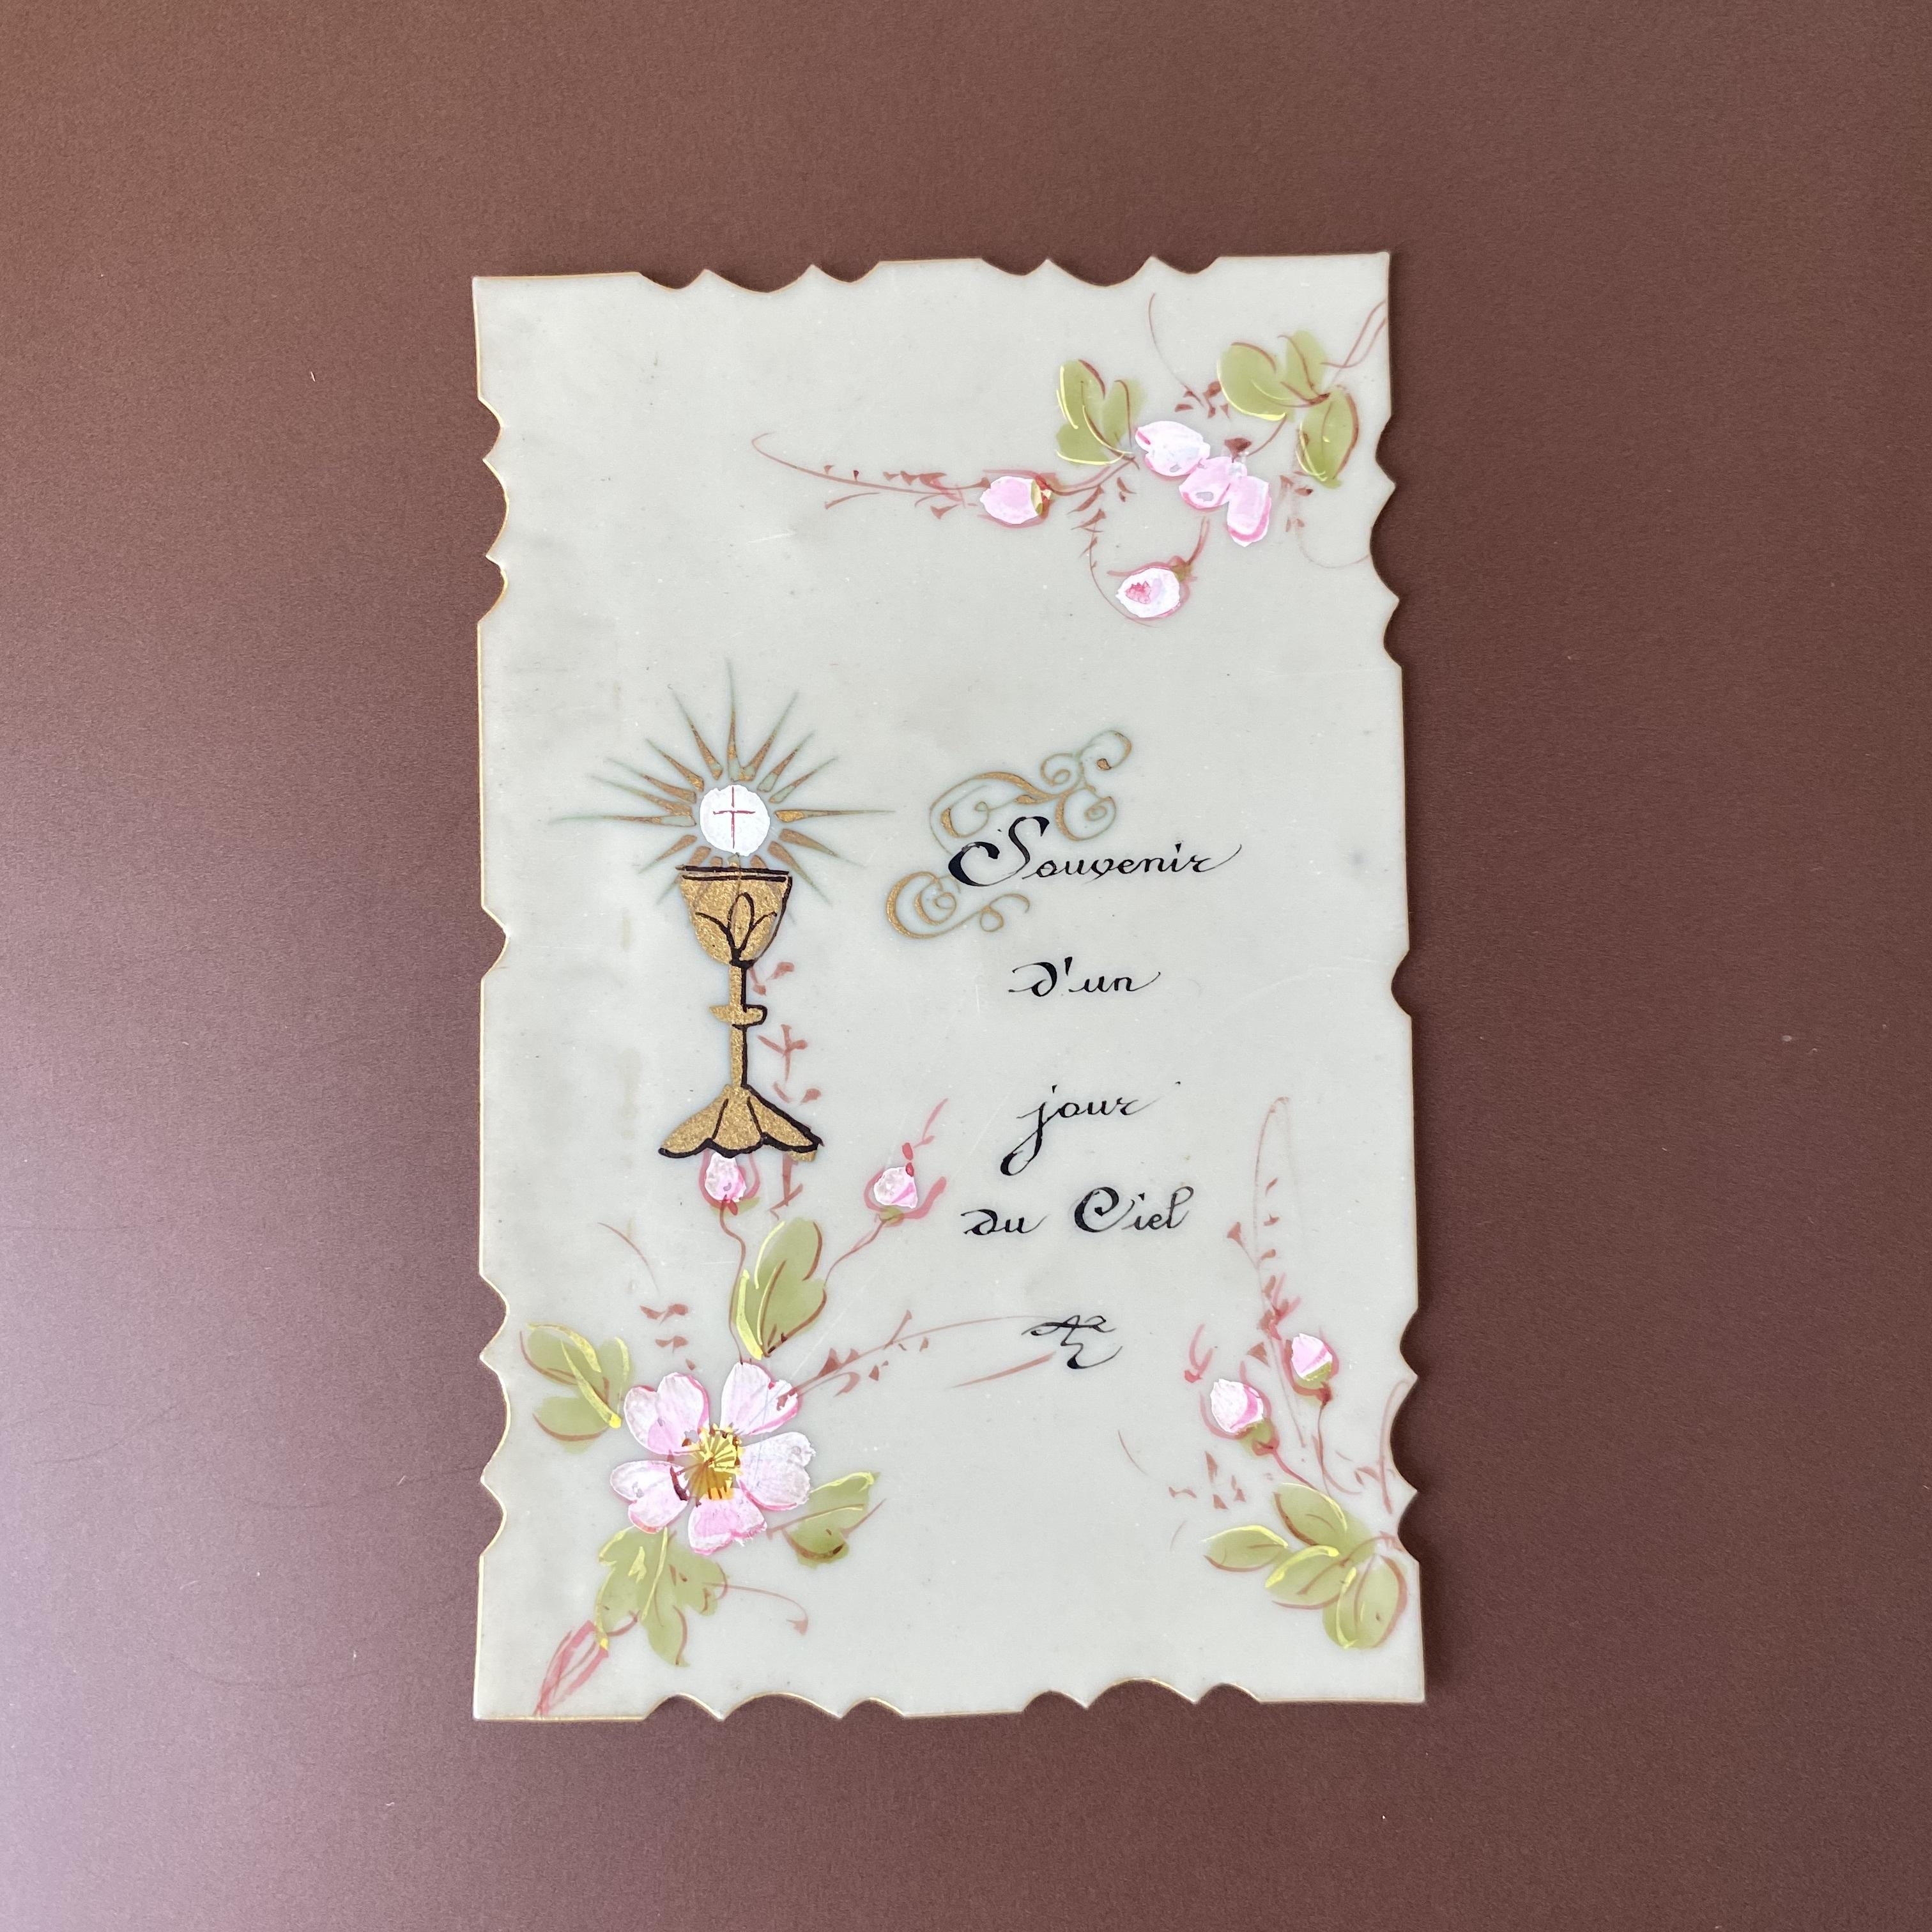 セルロイド・ホーリーカード CELLULOID HOLY CARD / vp0142